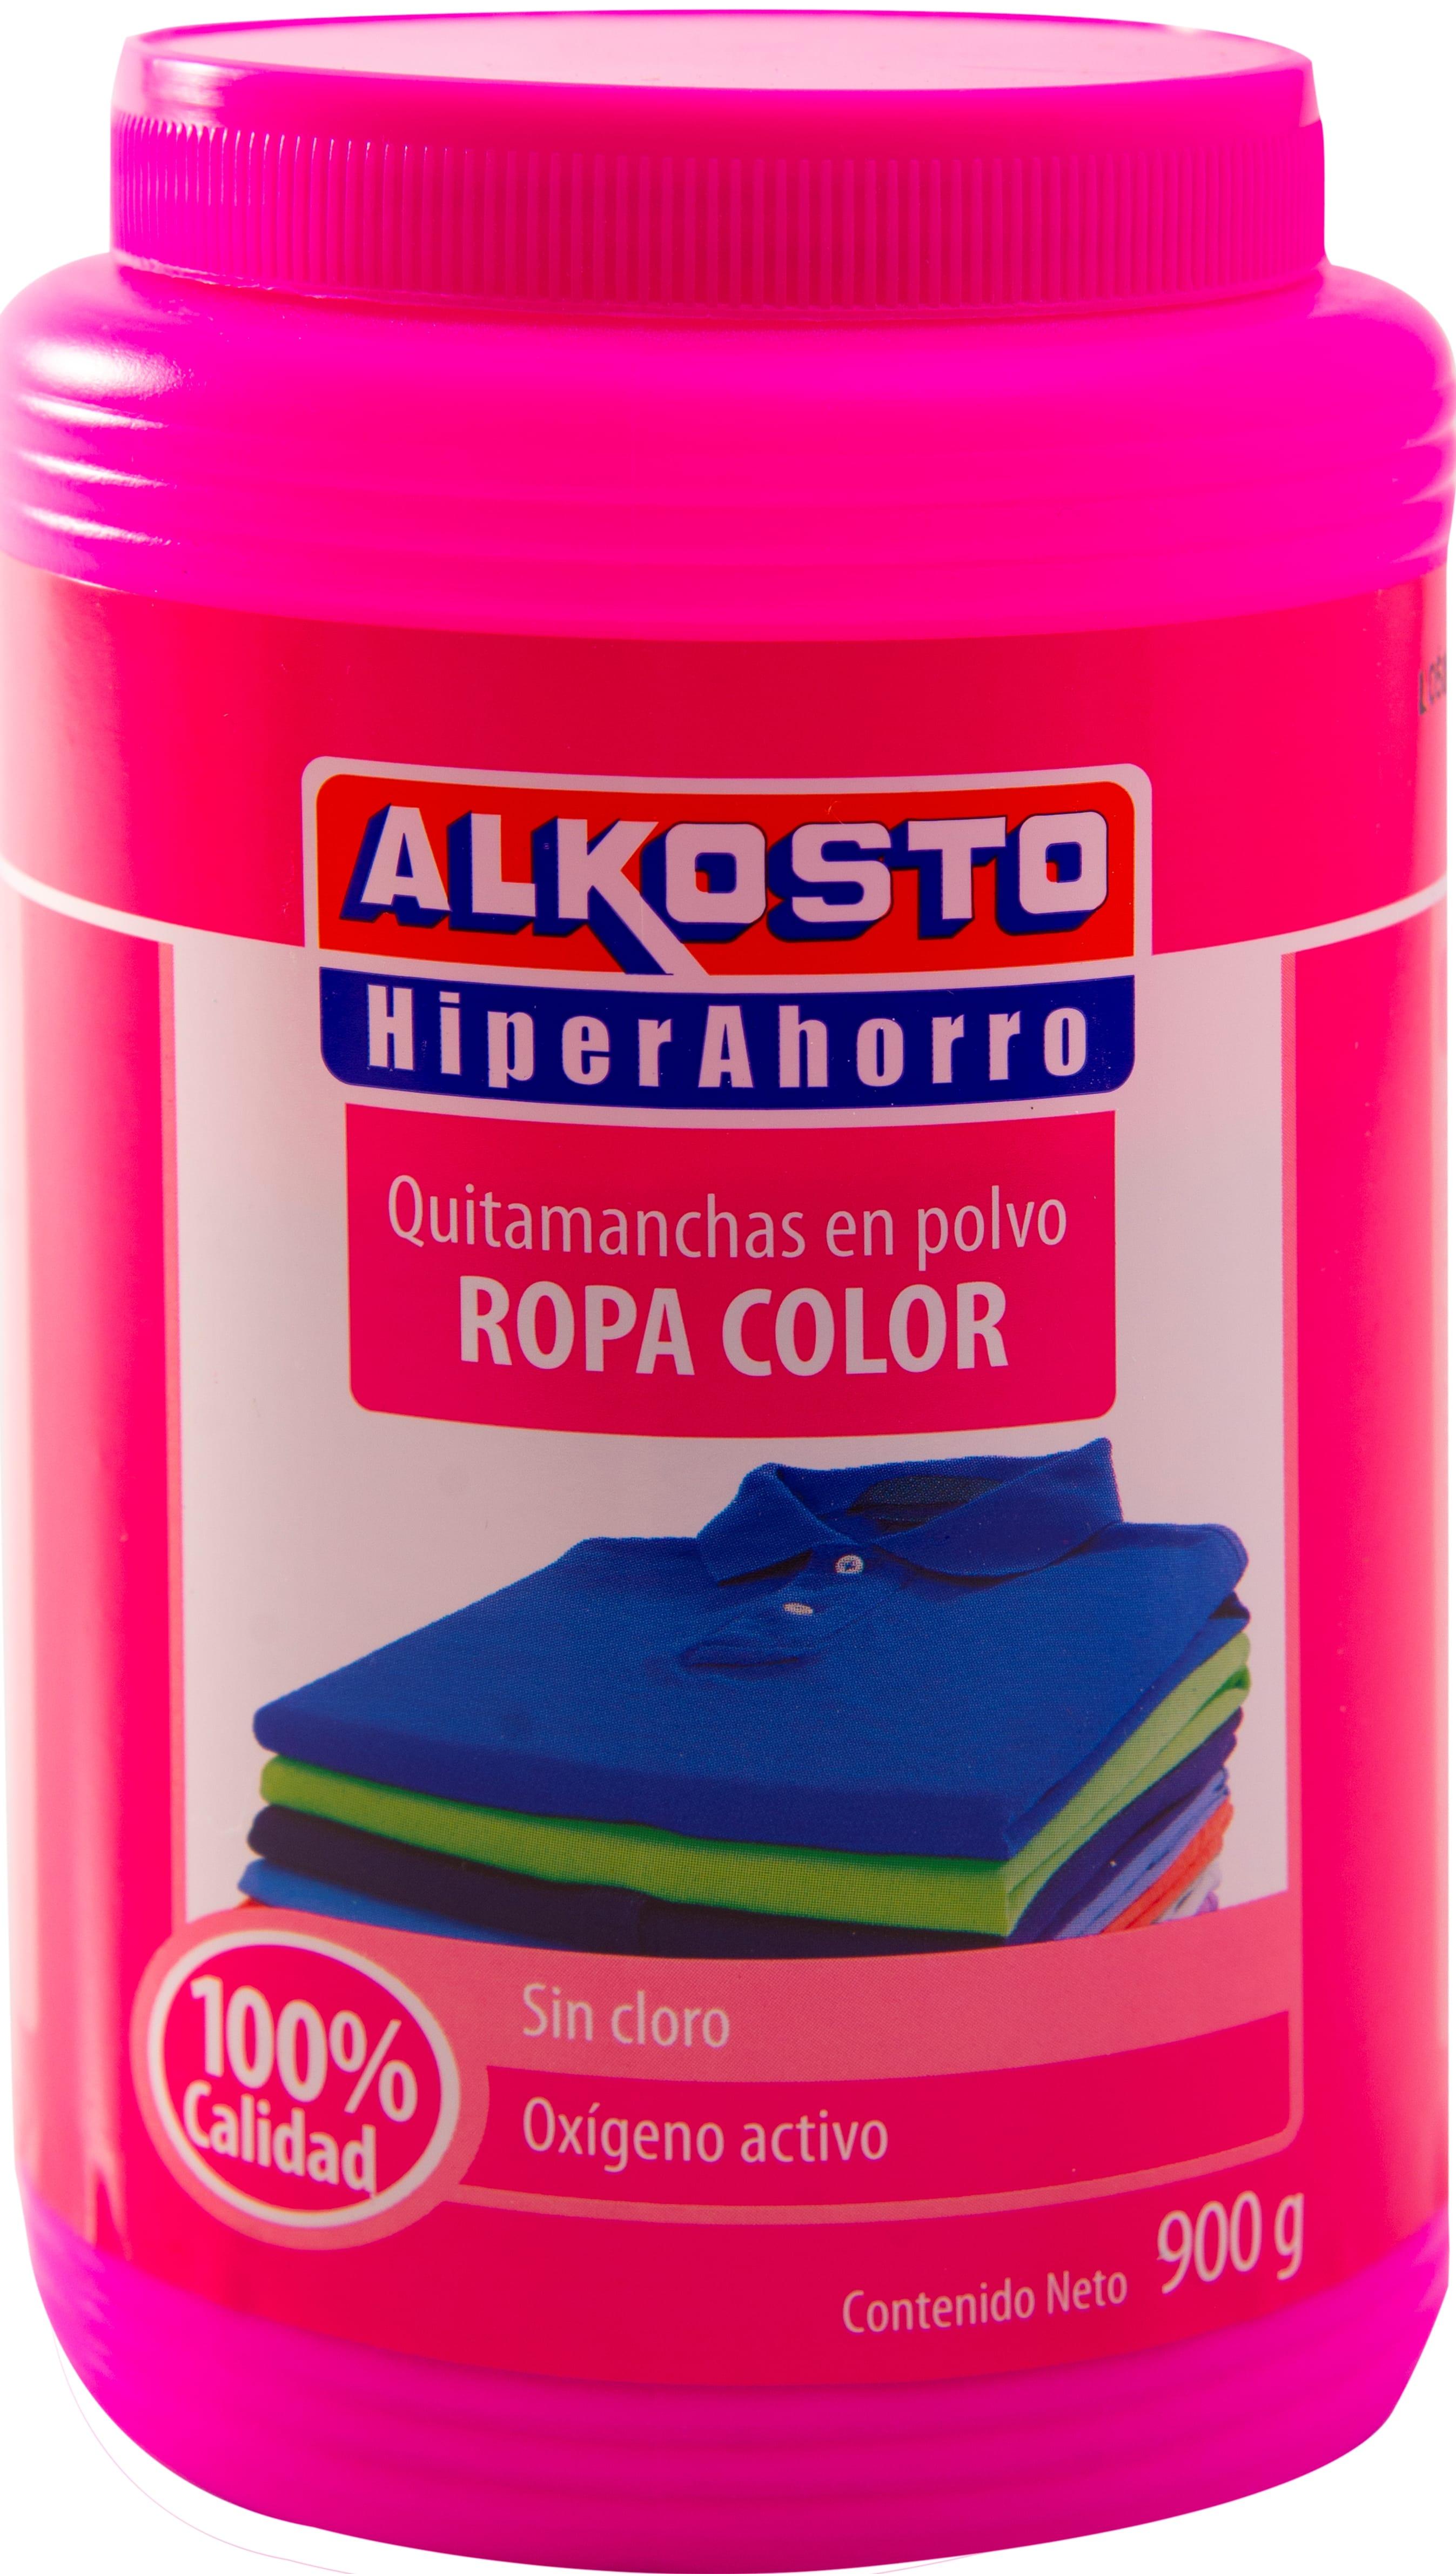 Desmanchador Polvo Ropa Color Alkosto 900g